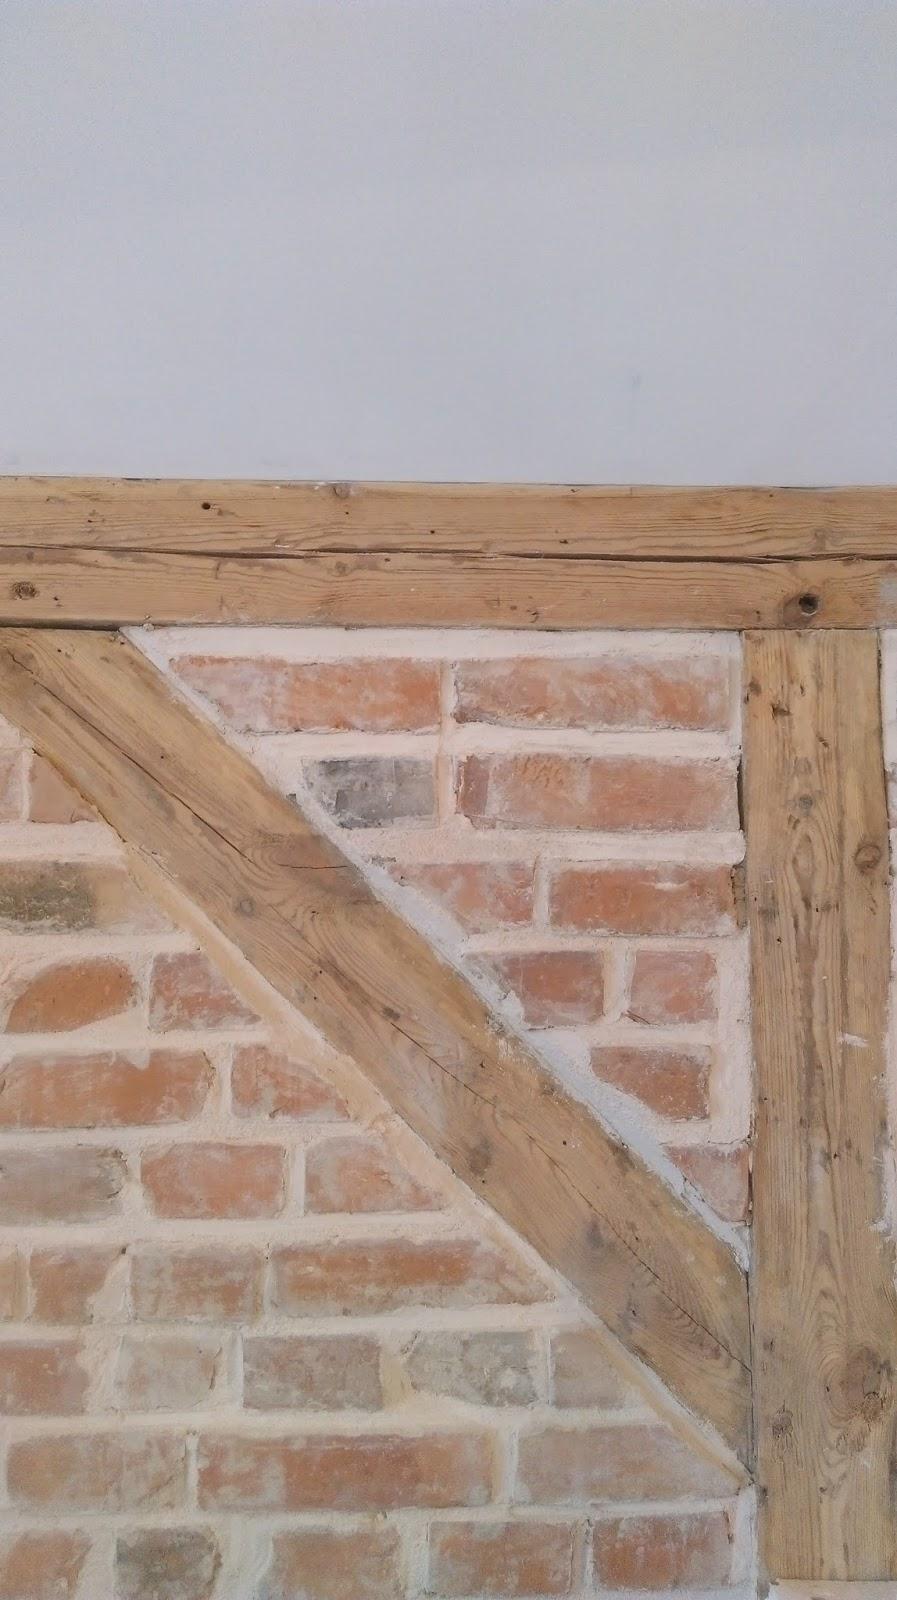 oczyszczona ściany z cegły